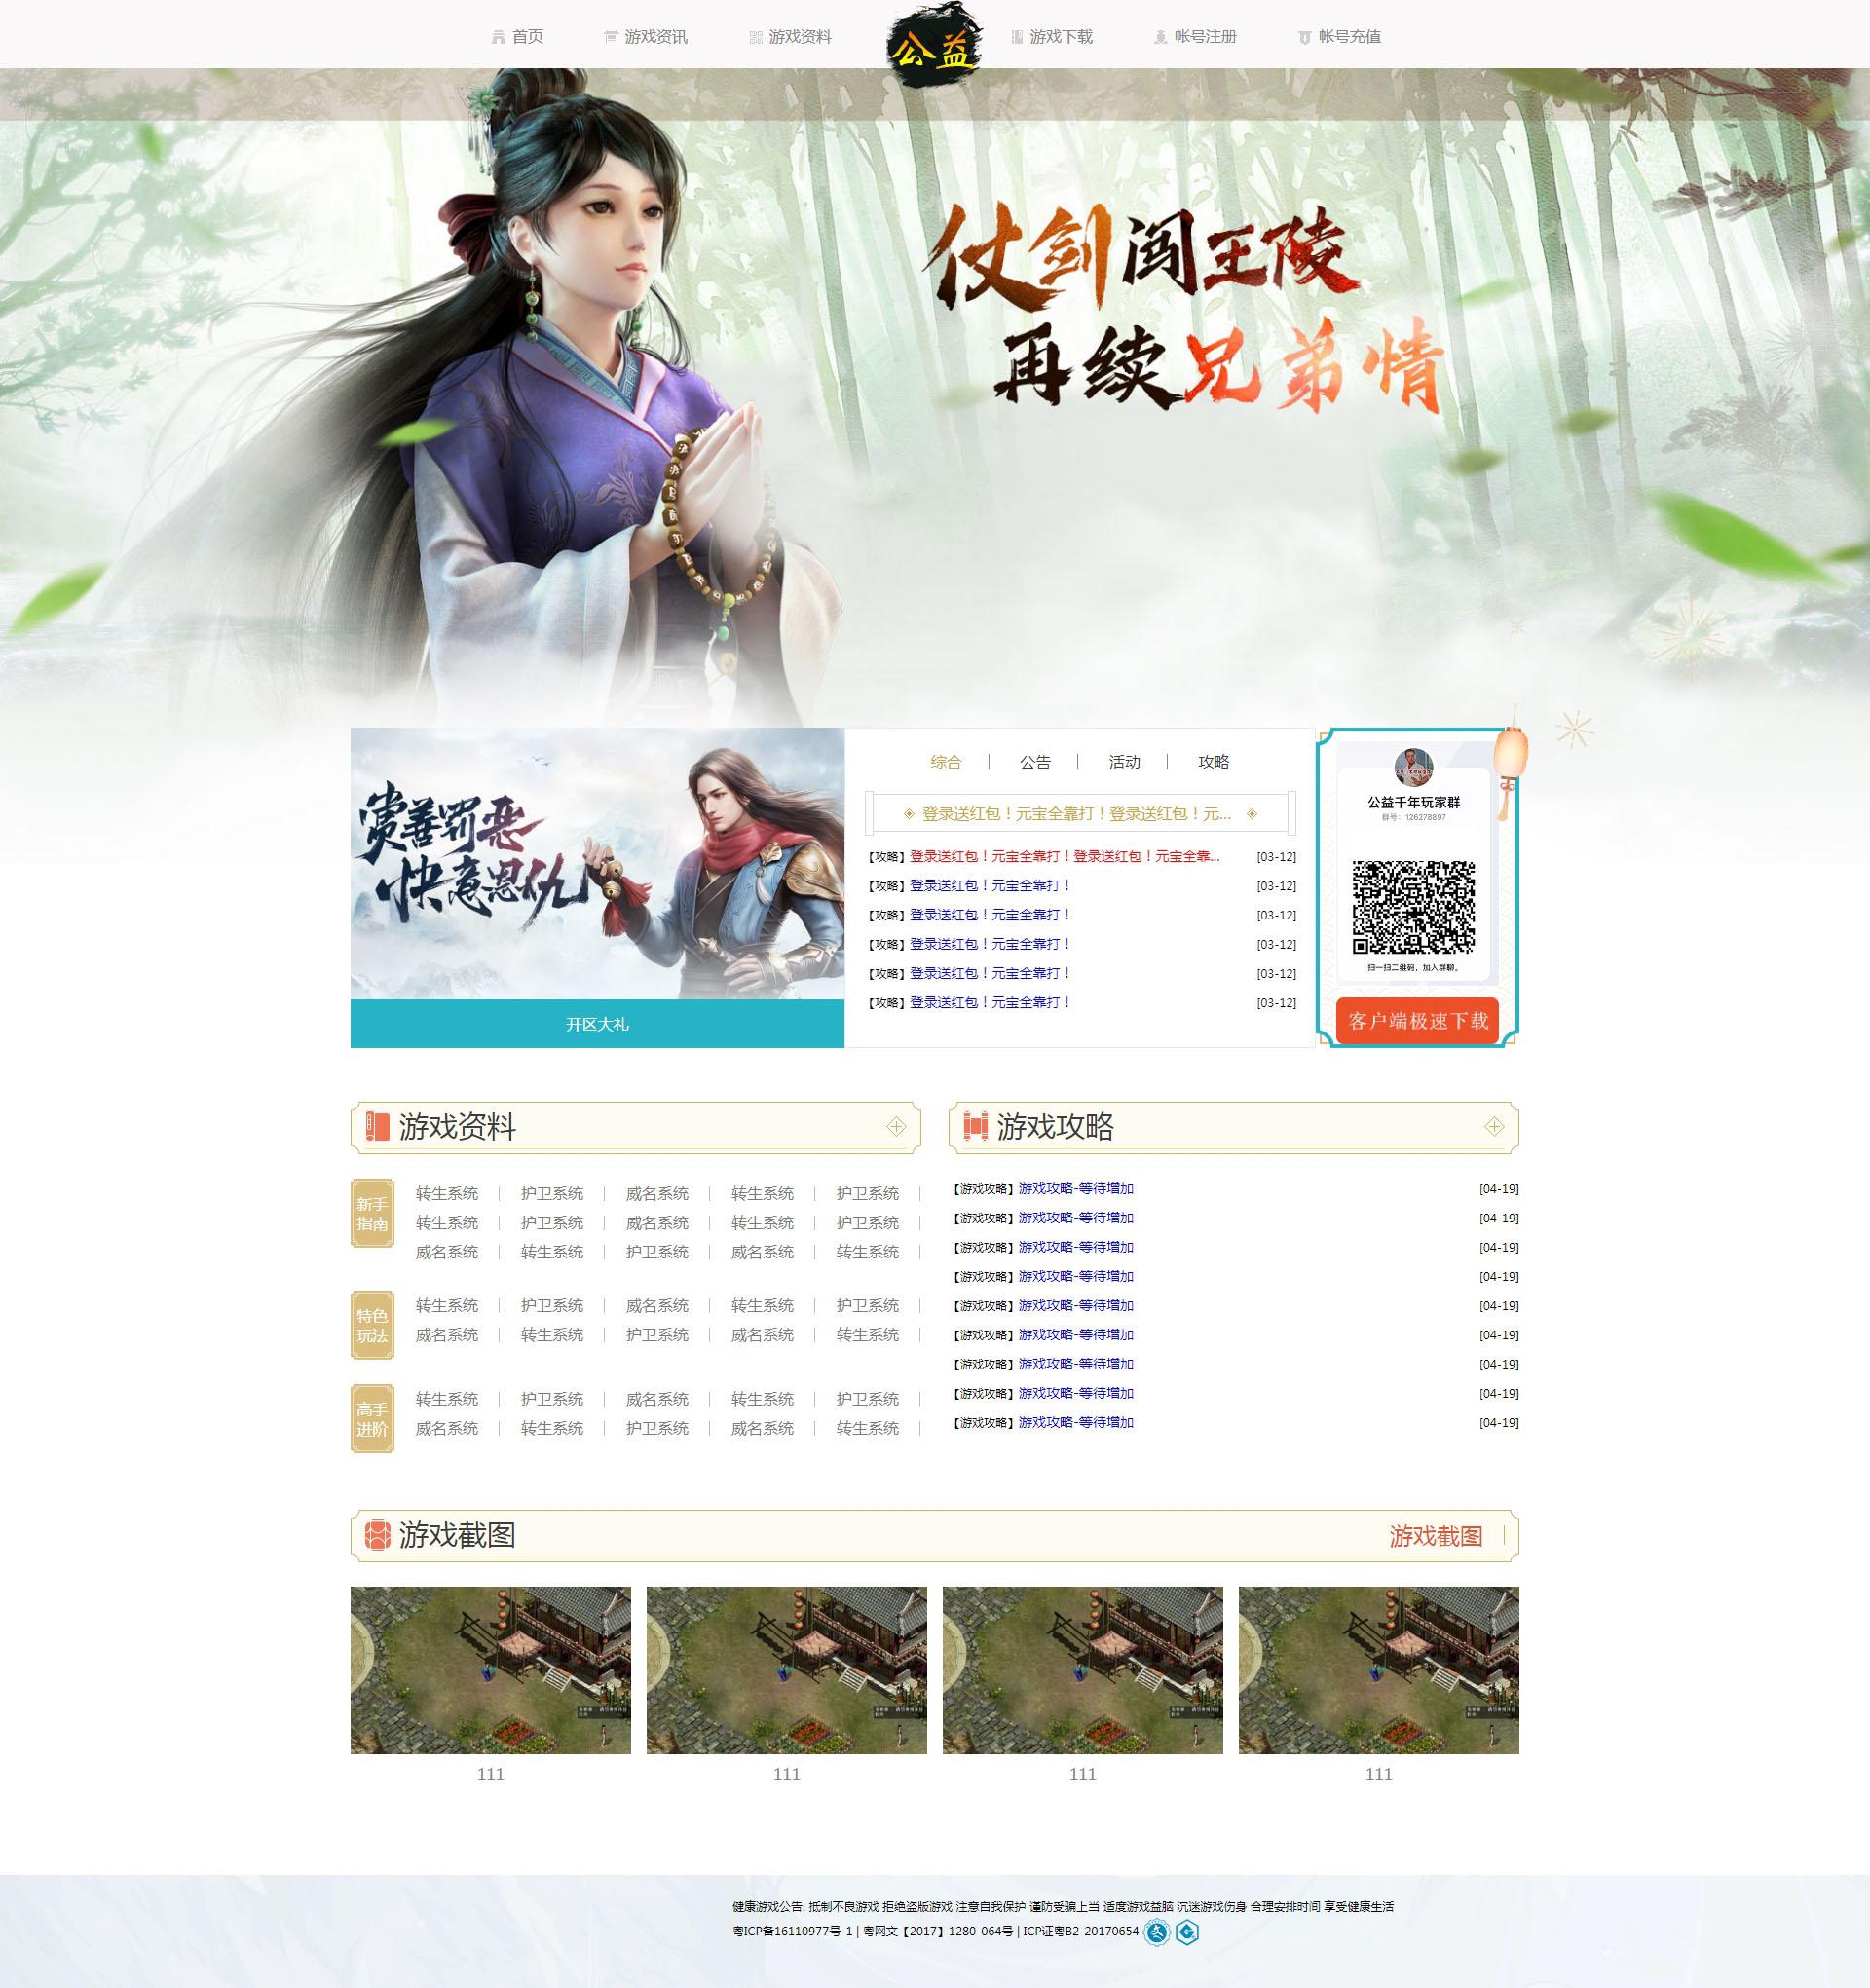 公益重返千年网站 游戏网模版PHP传奇源码 官网模板带后台